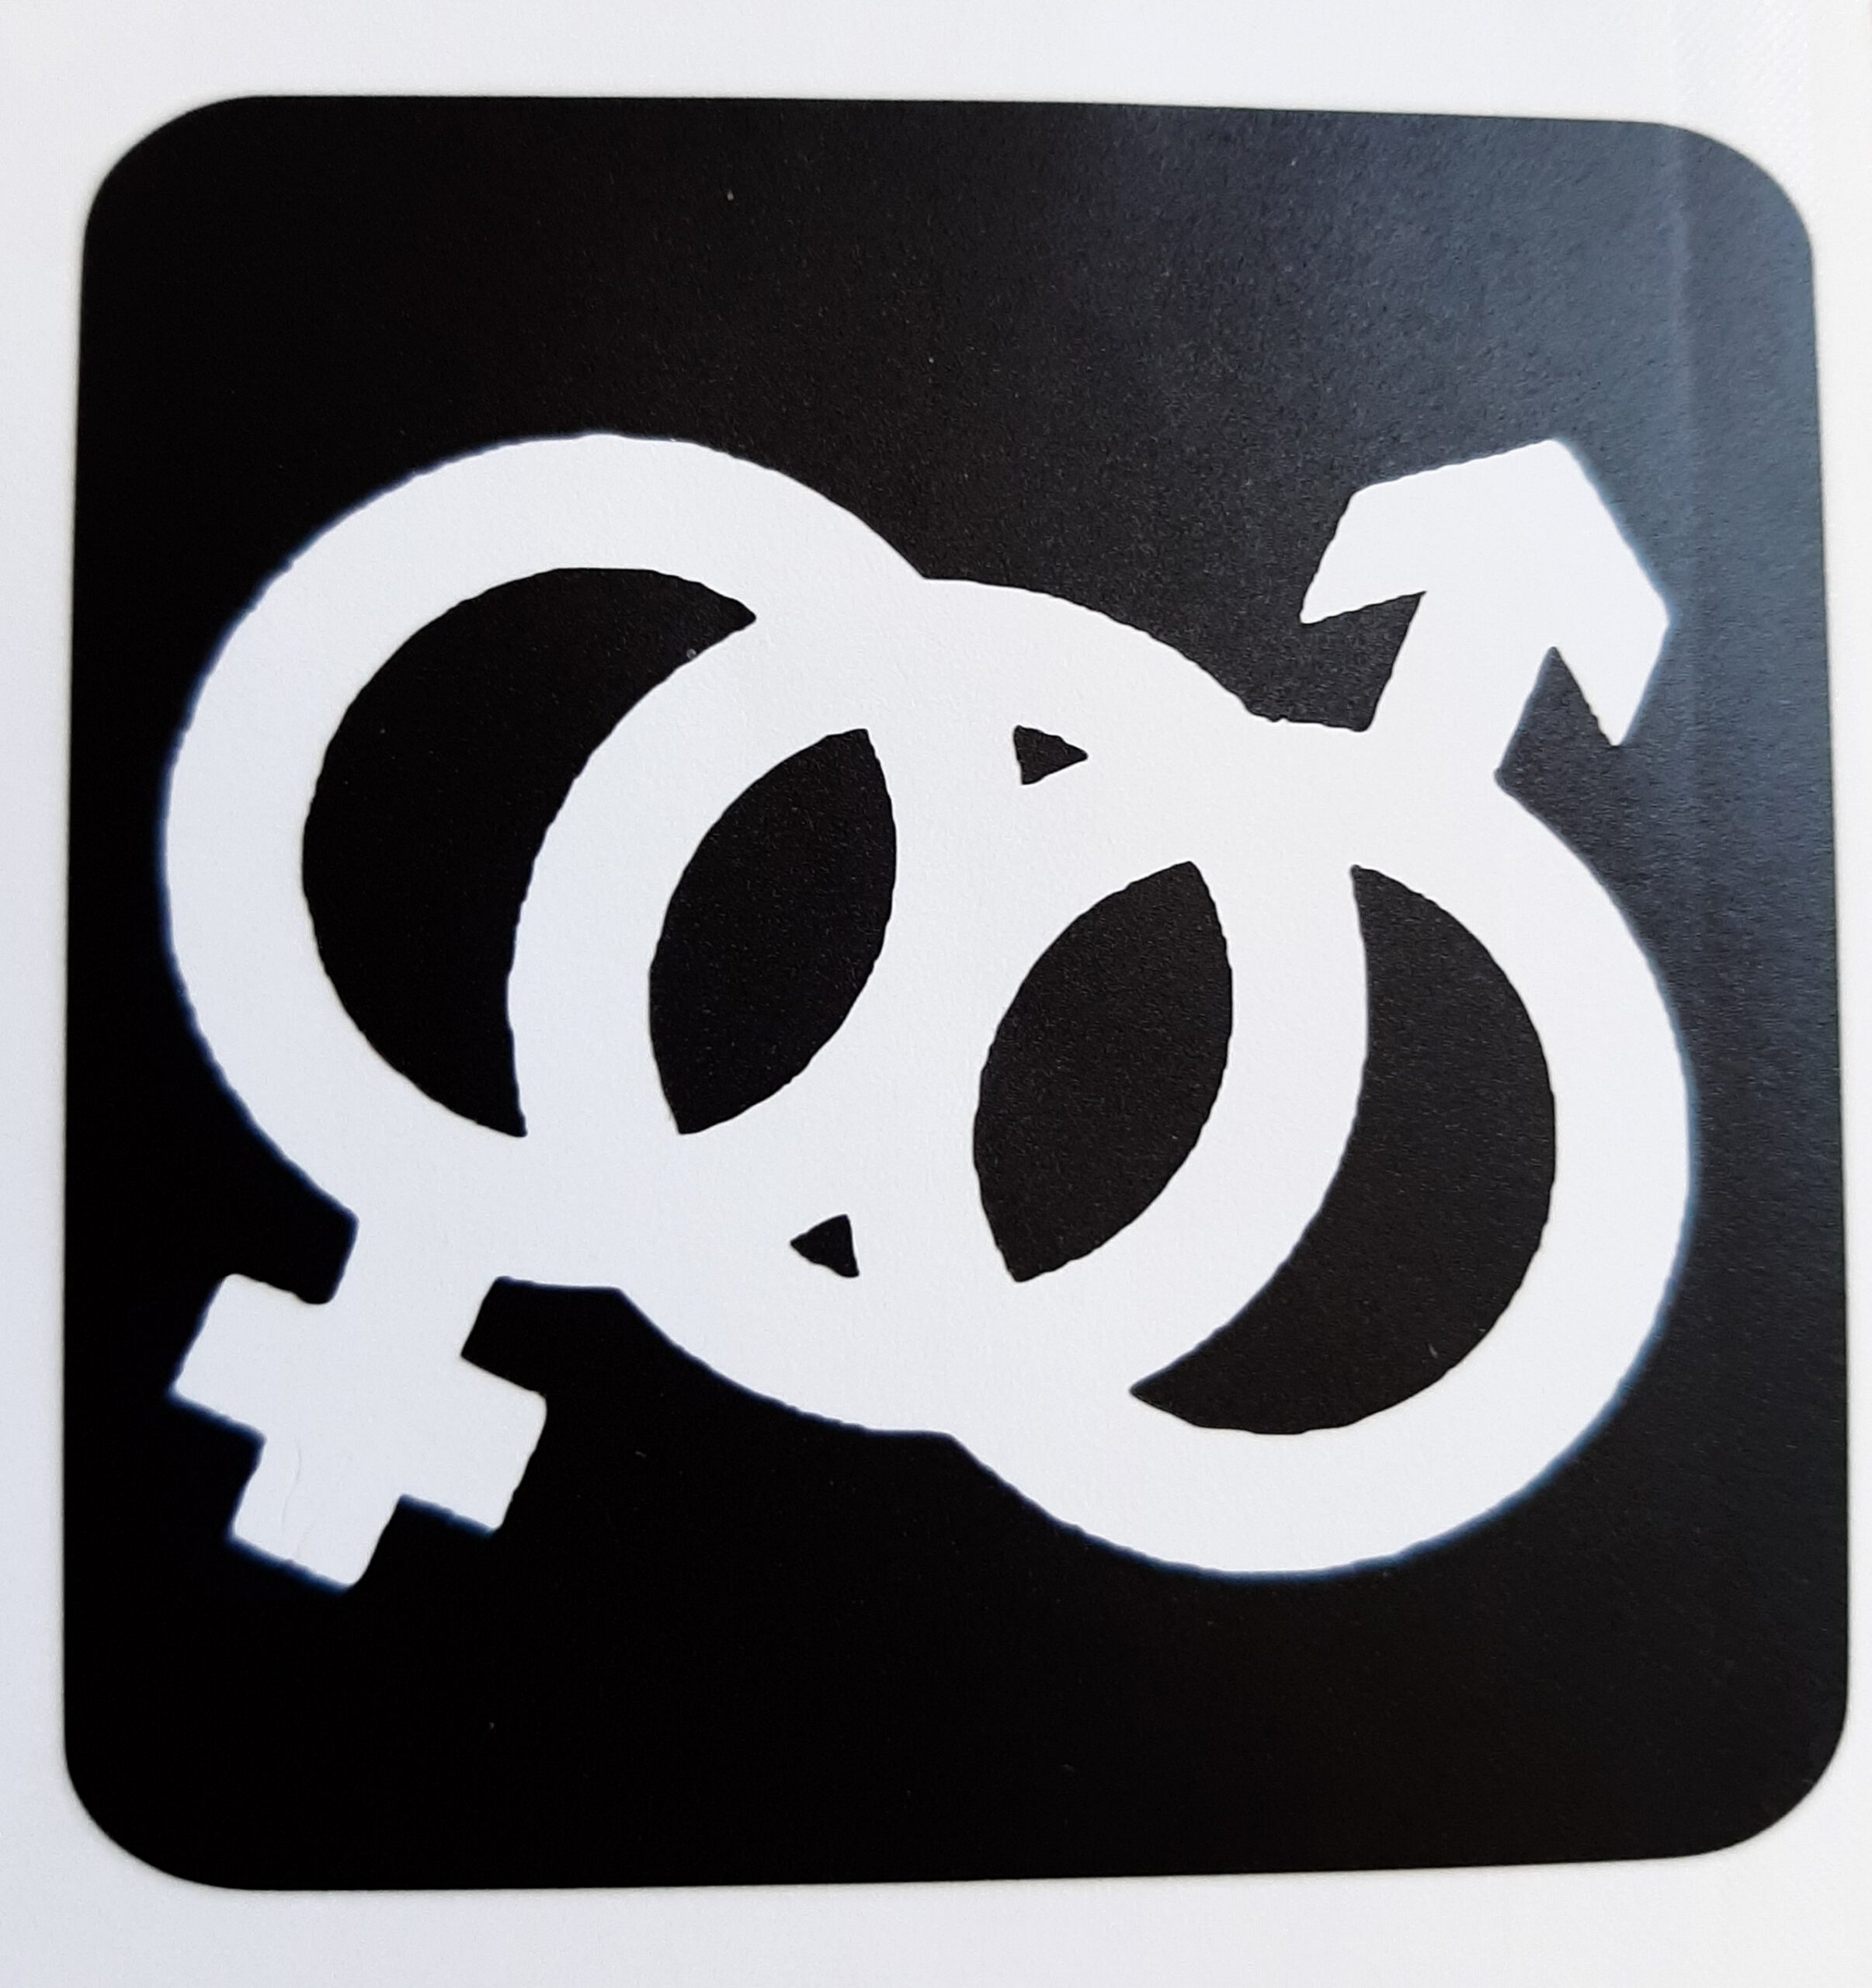 Trans/Intersex/TIQ